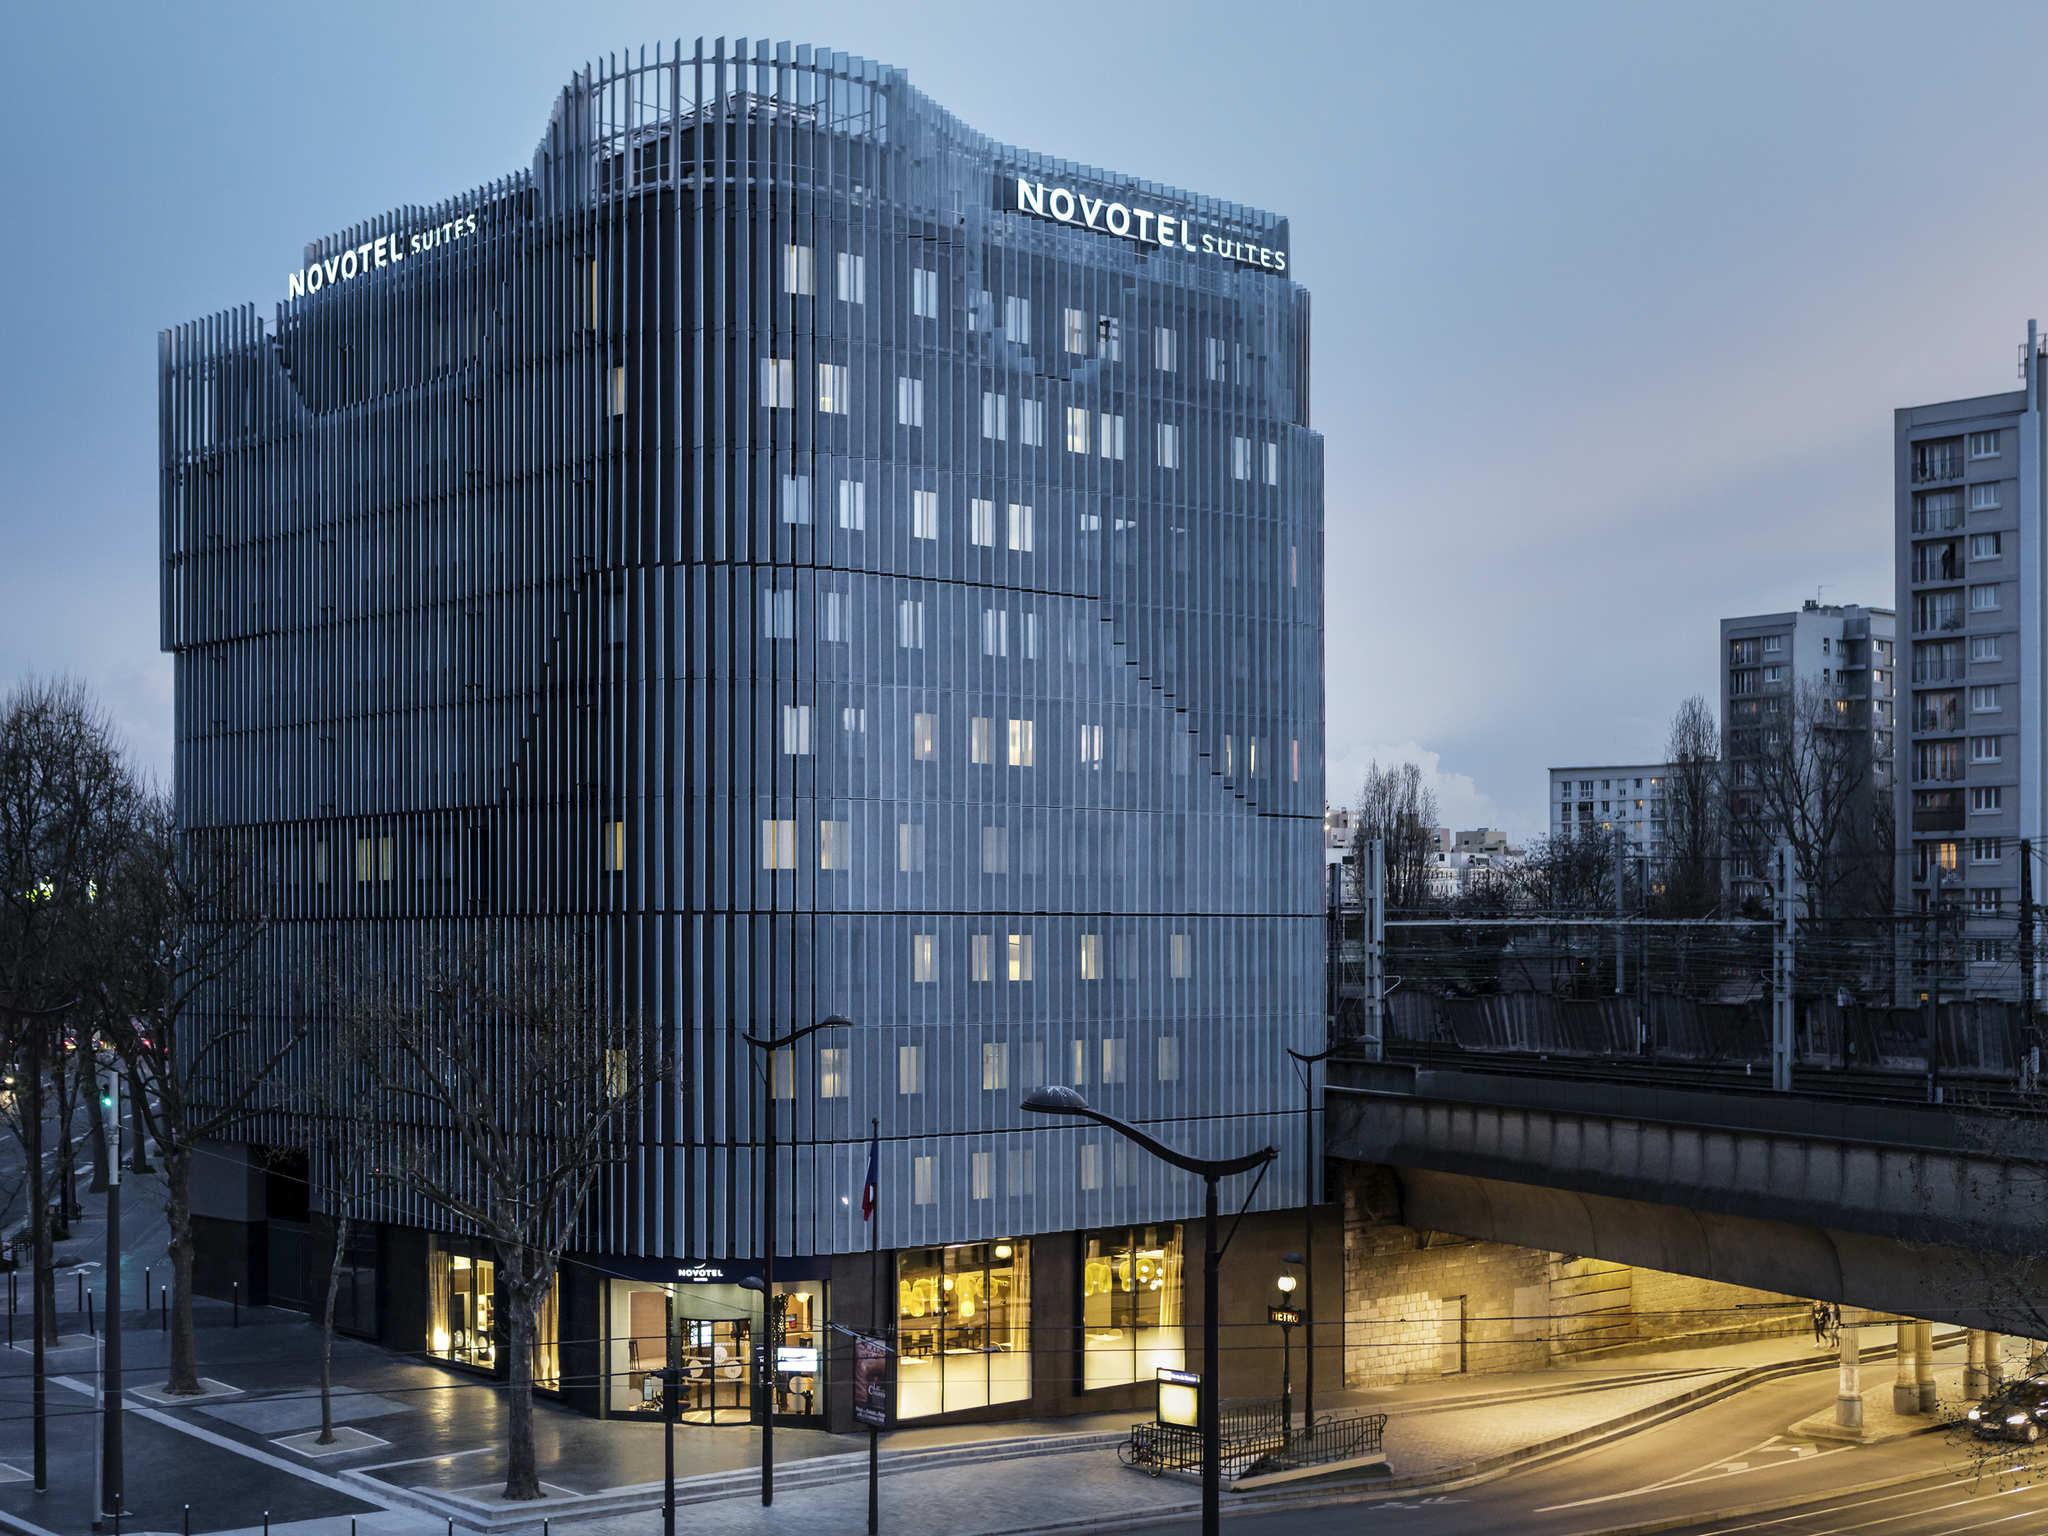 Hotel – Novotel Suites Paris Expo Porte de Versailles